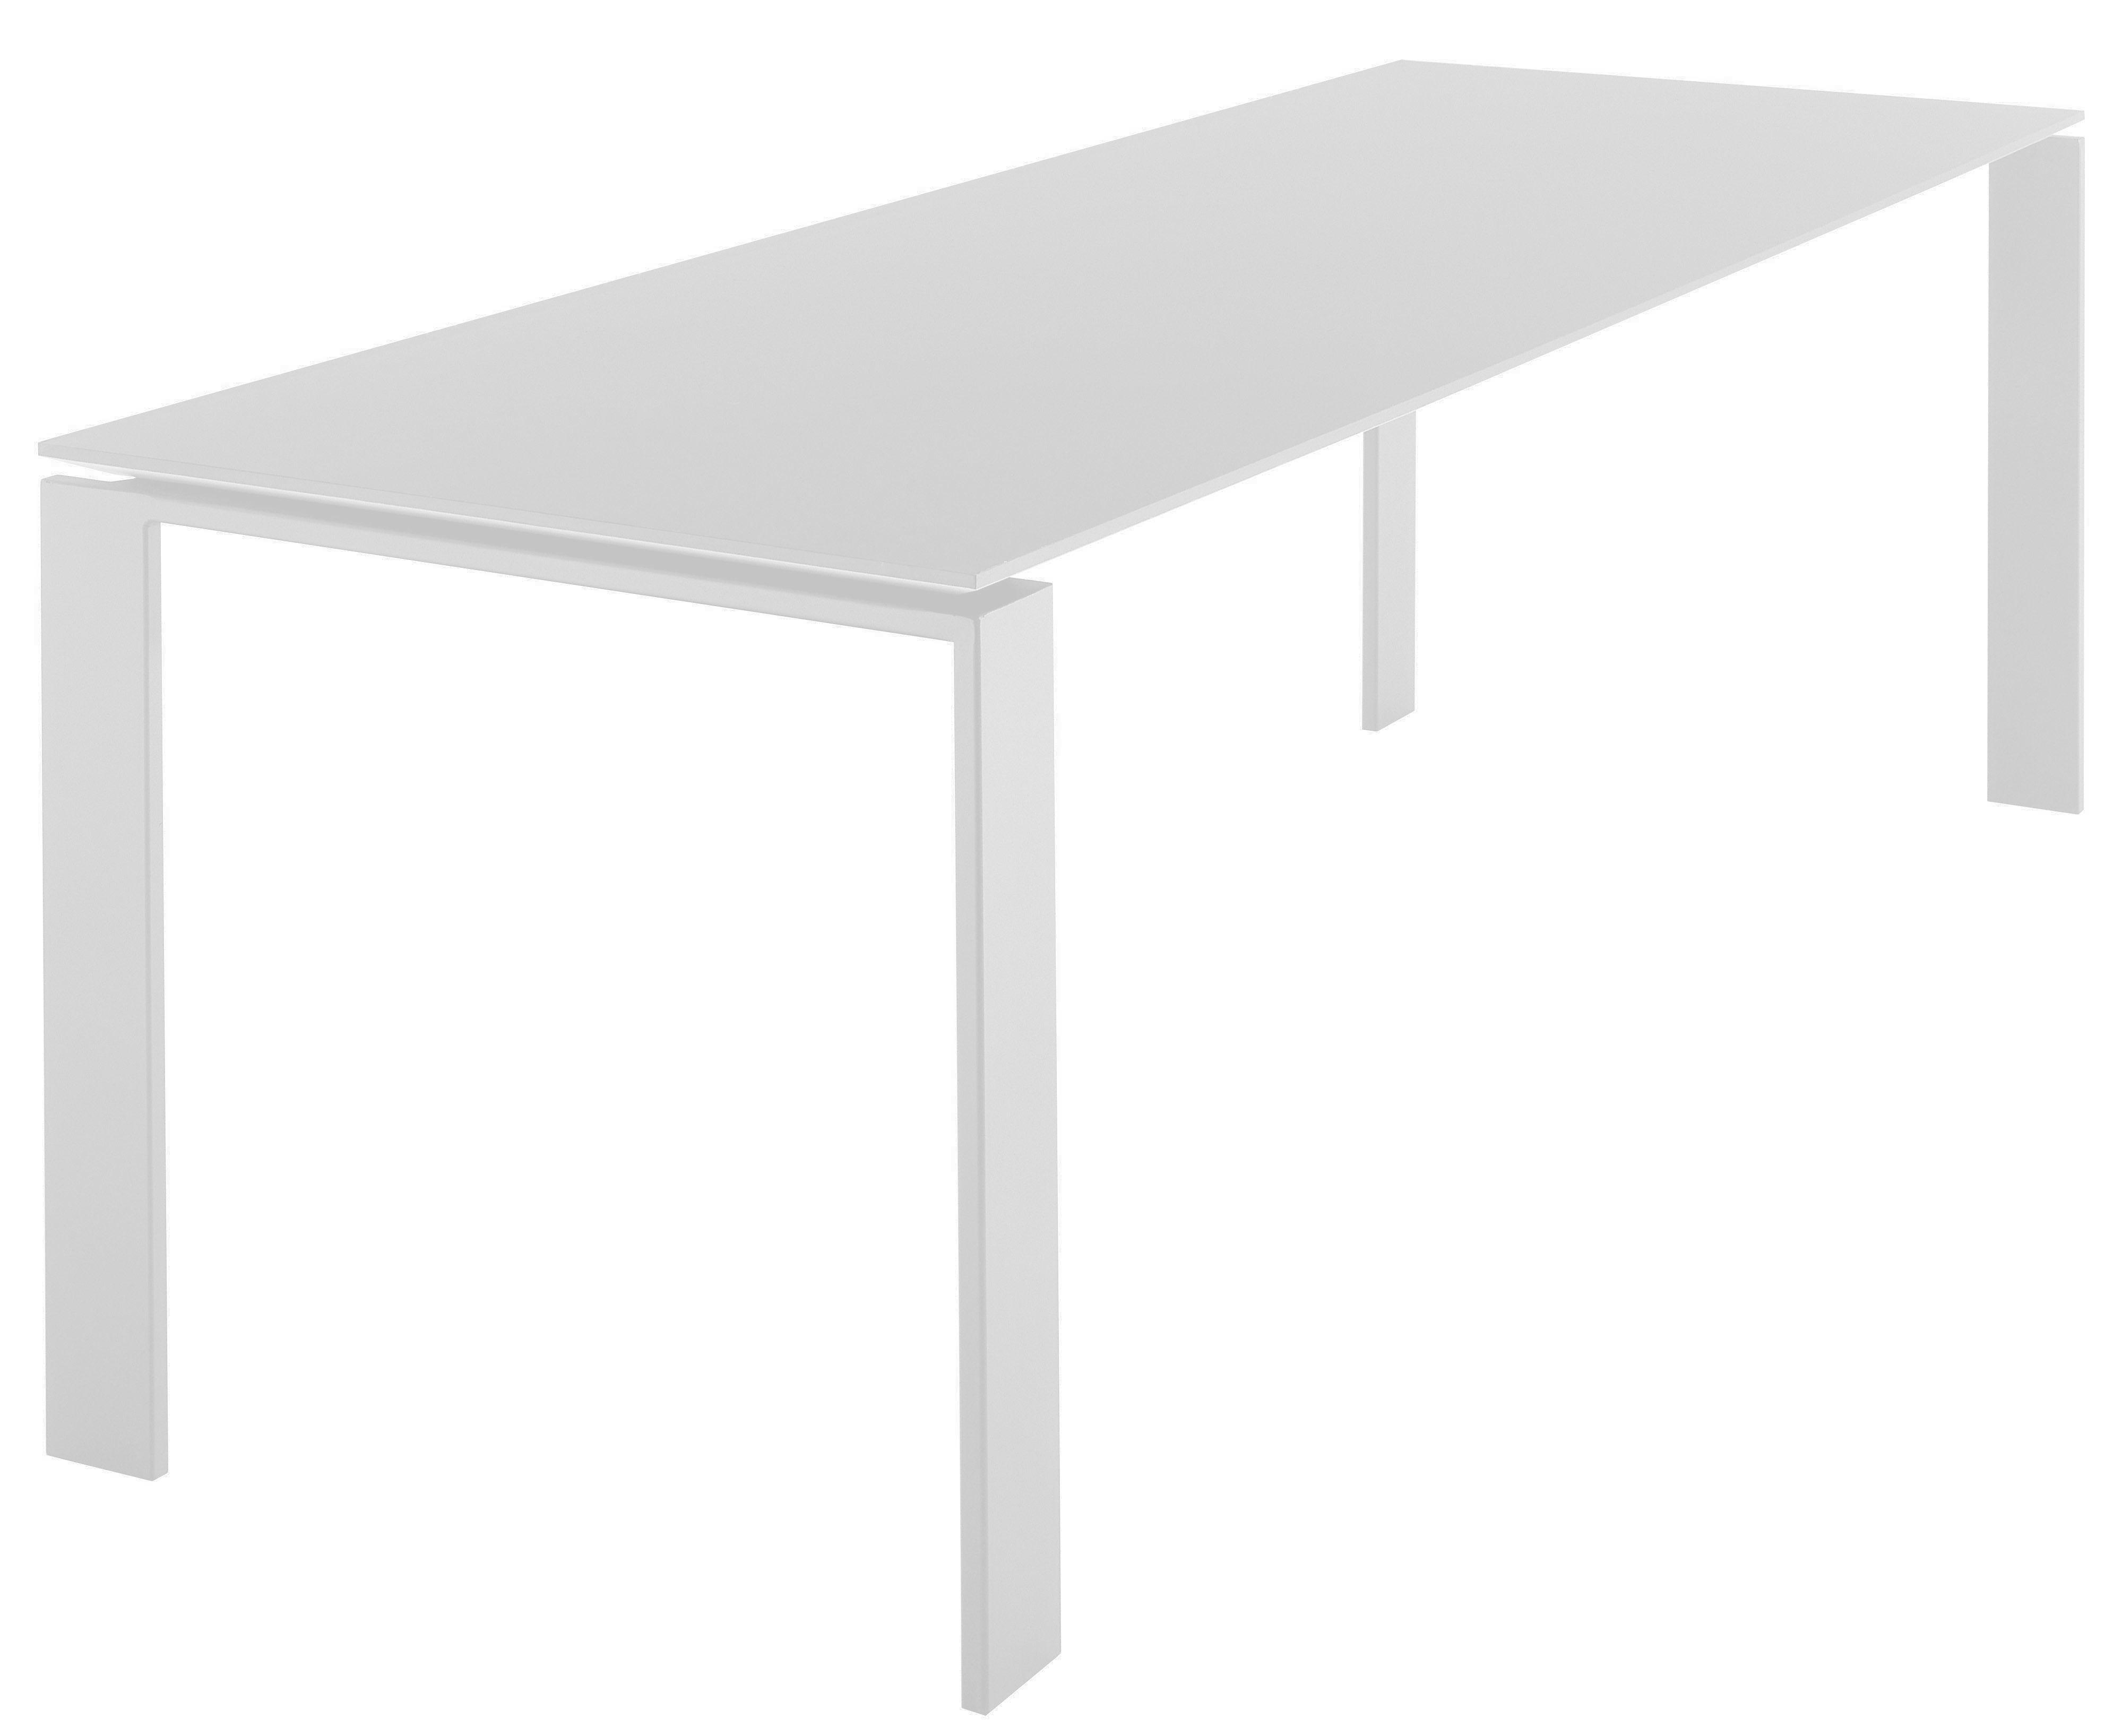 Arredamento - Tavoli - Tavolo rettangolare Four di Kartell - Bianco 223 cm - Acciaio verniciato, Laminato